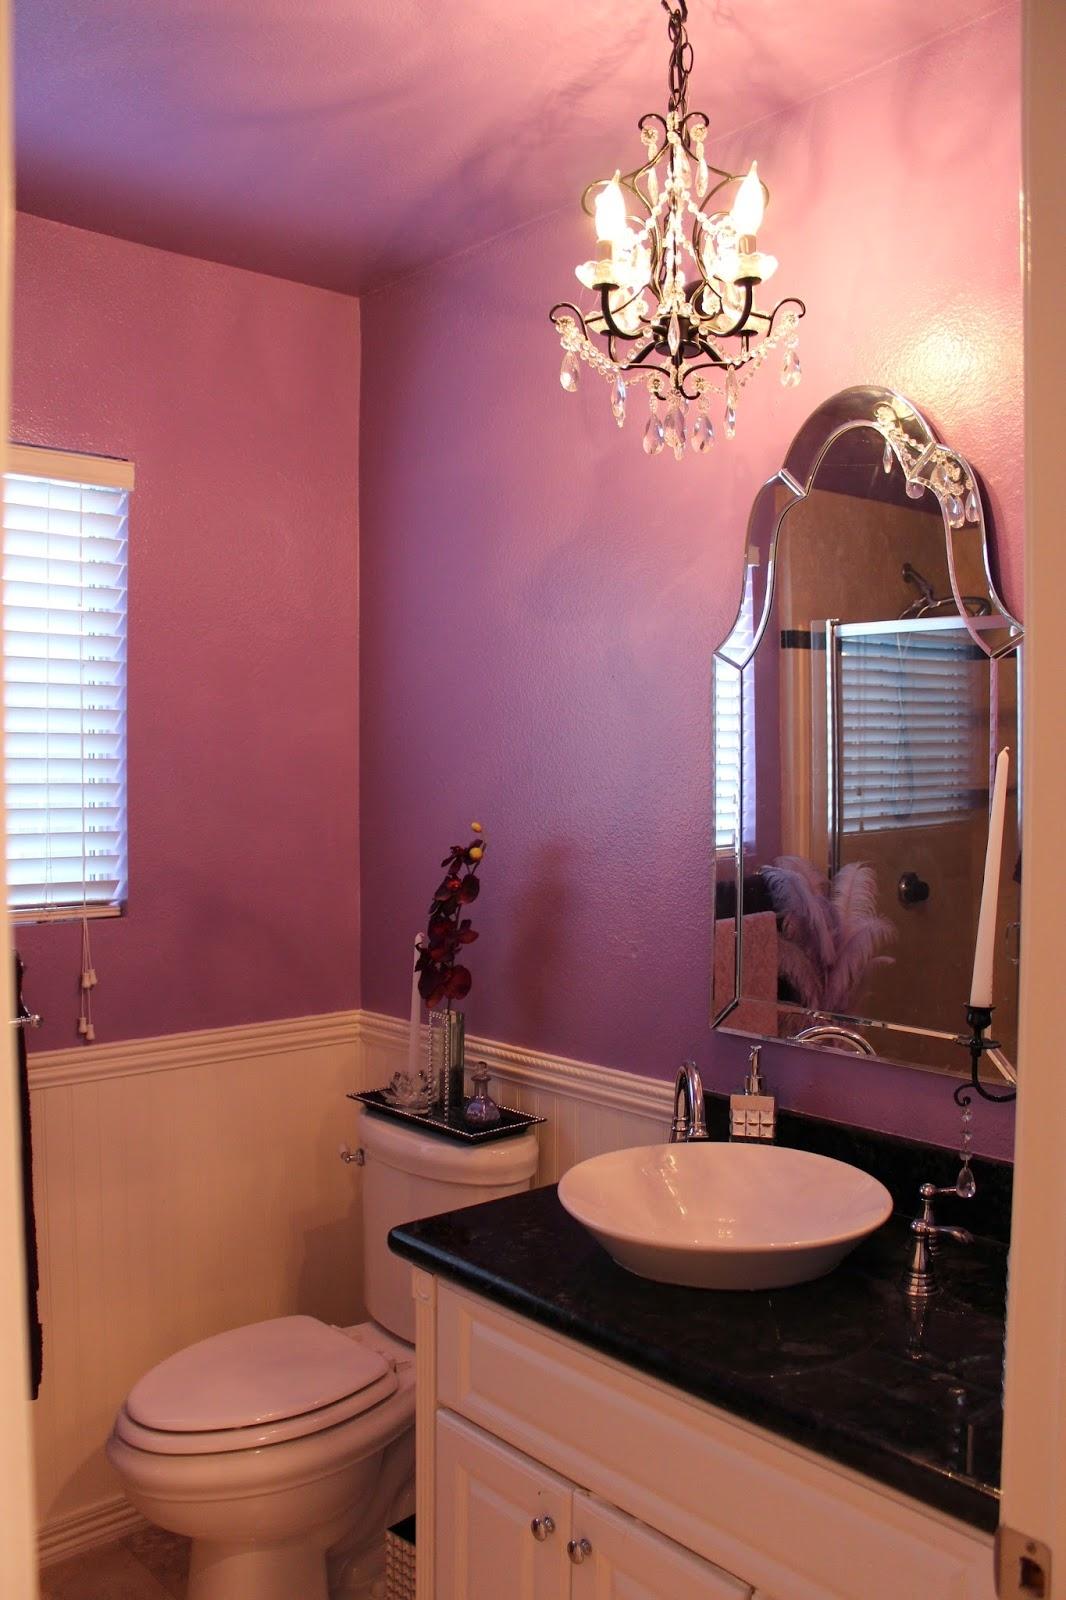 Flower Twig Fixture 3 Light Bathroom Chandeliers Bathroom Throughout Bathroom Safe Chandeliers (Image 17 of 24)